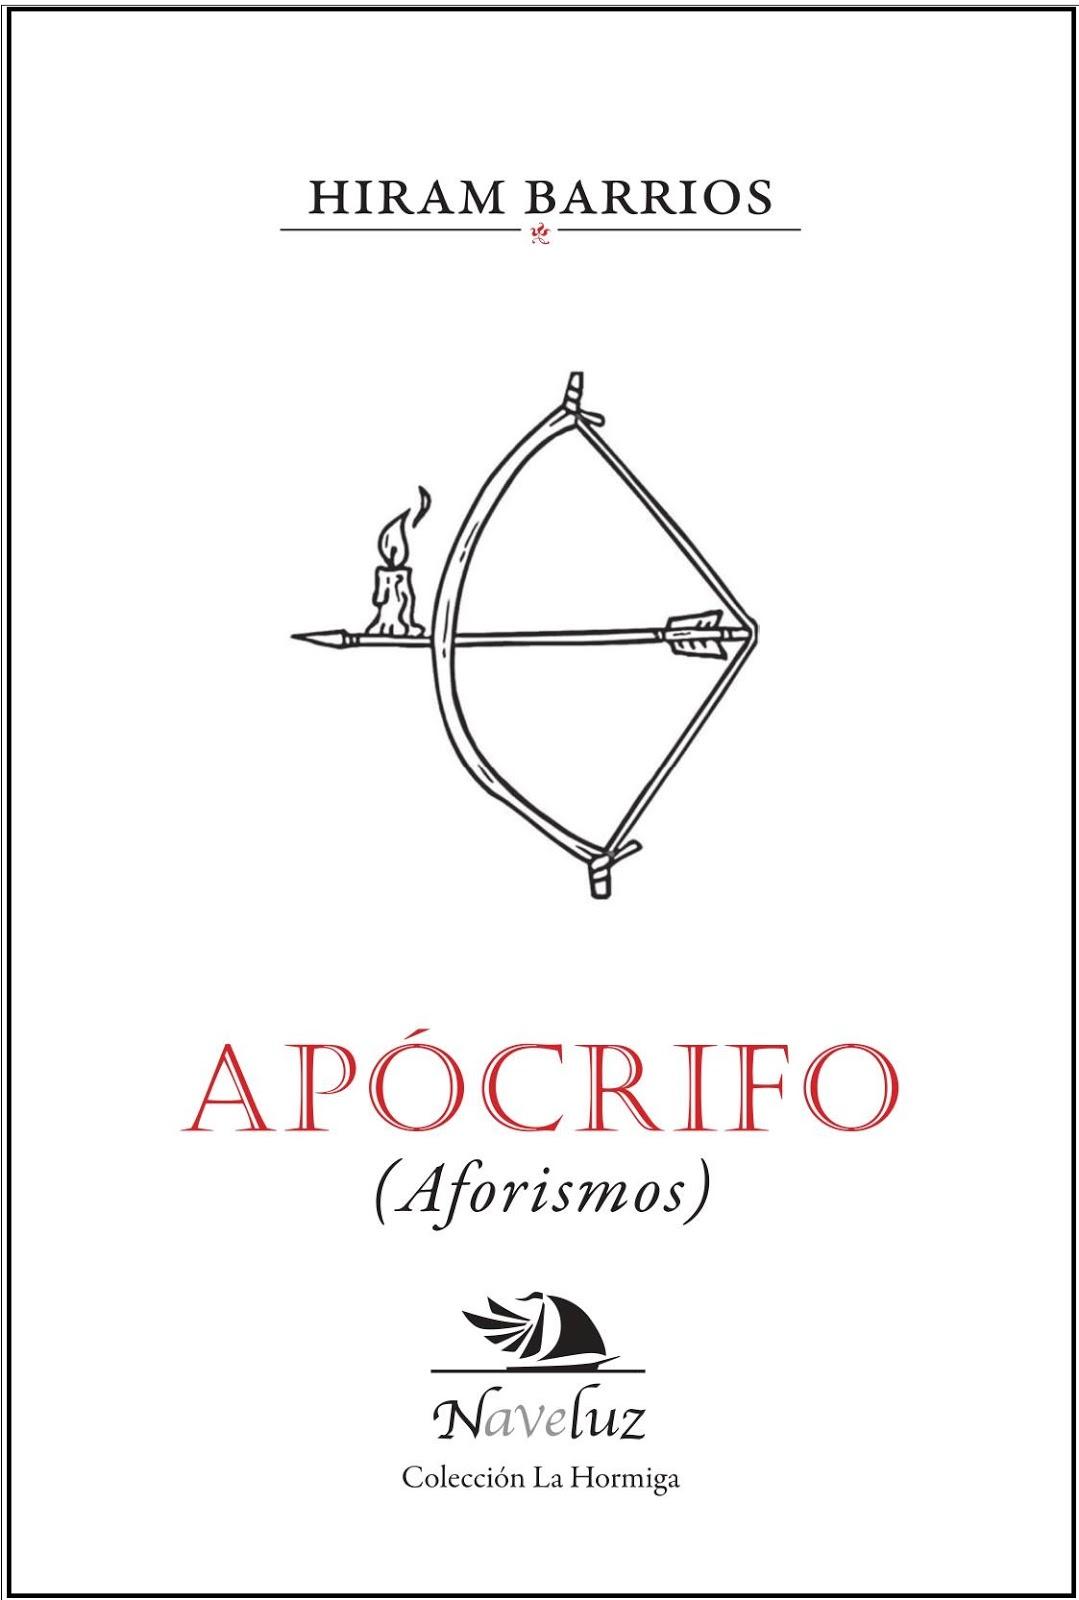 Apócrifo (aforismos)